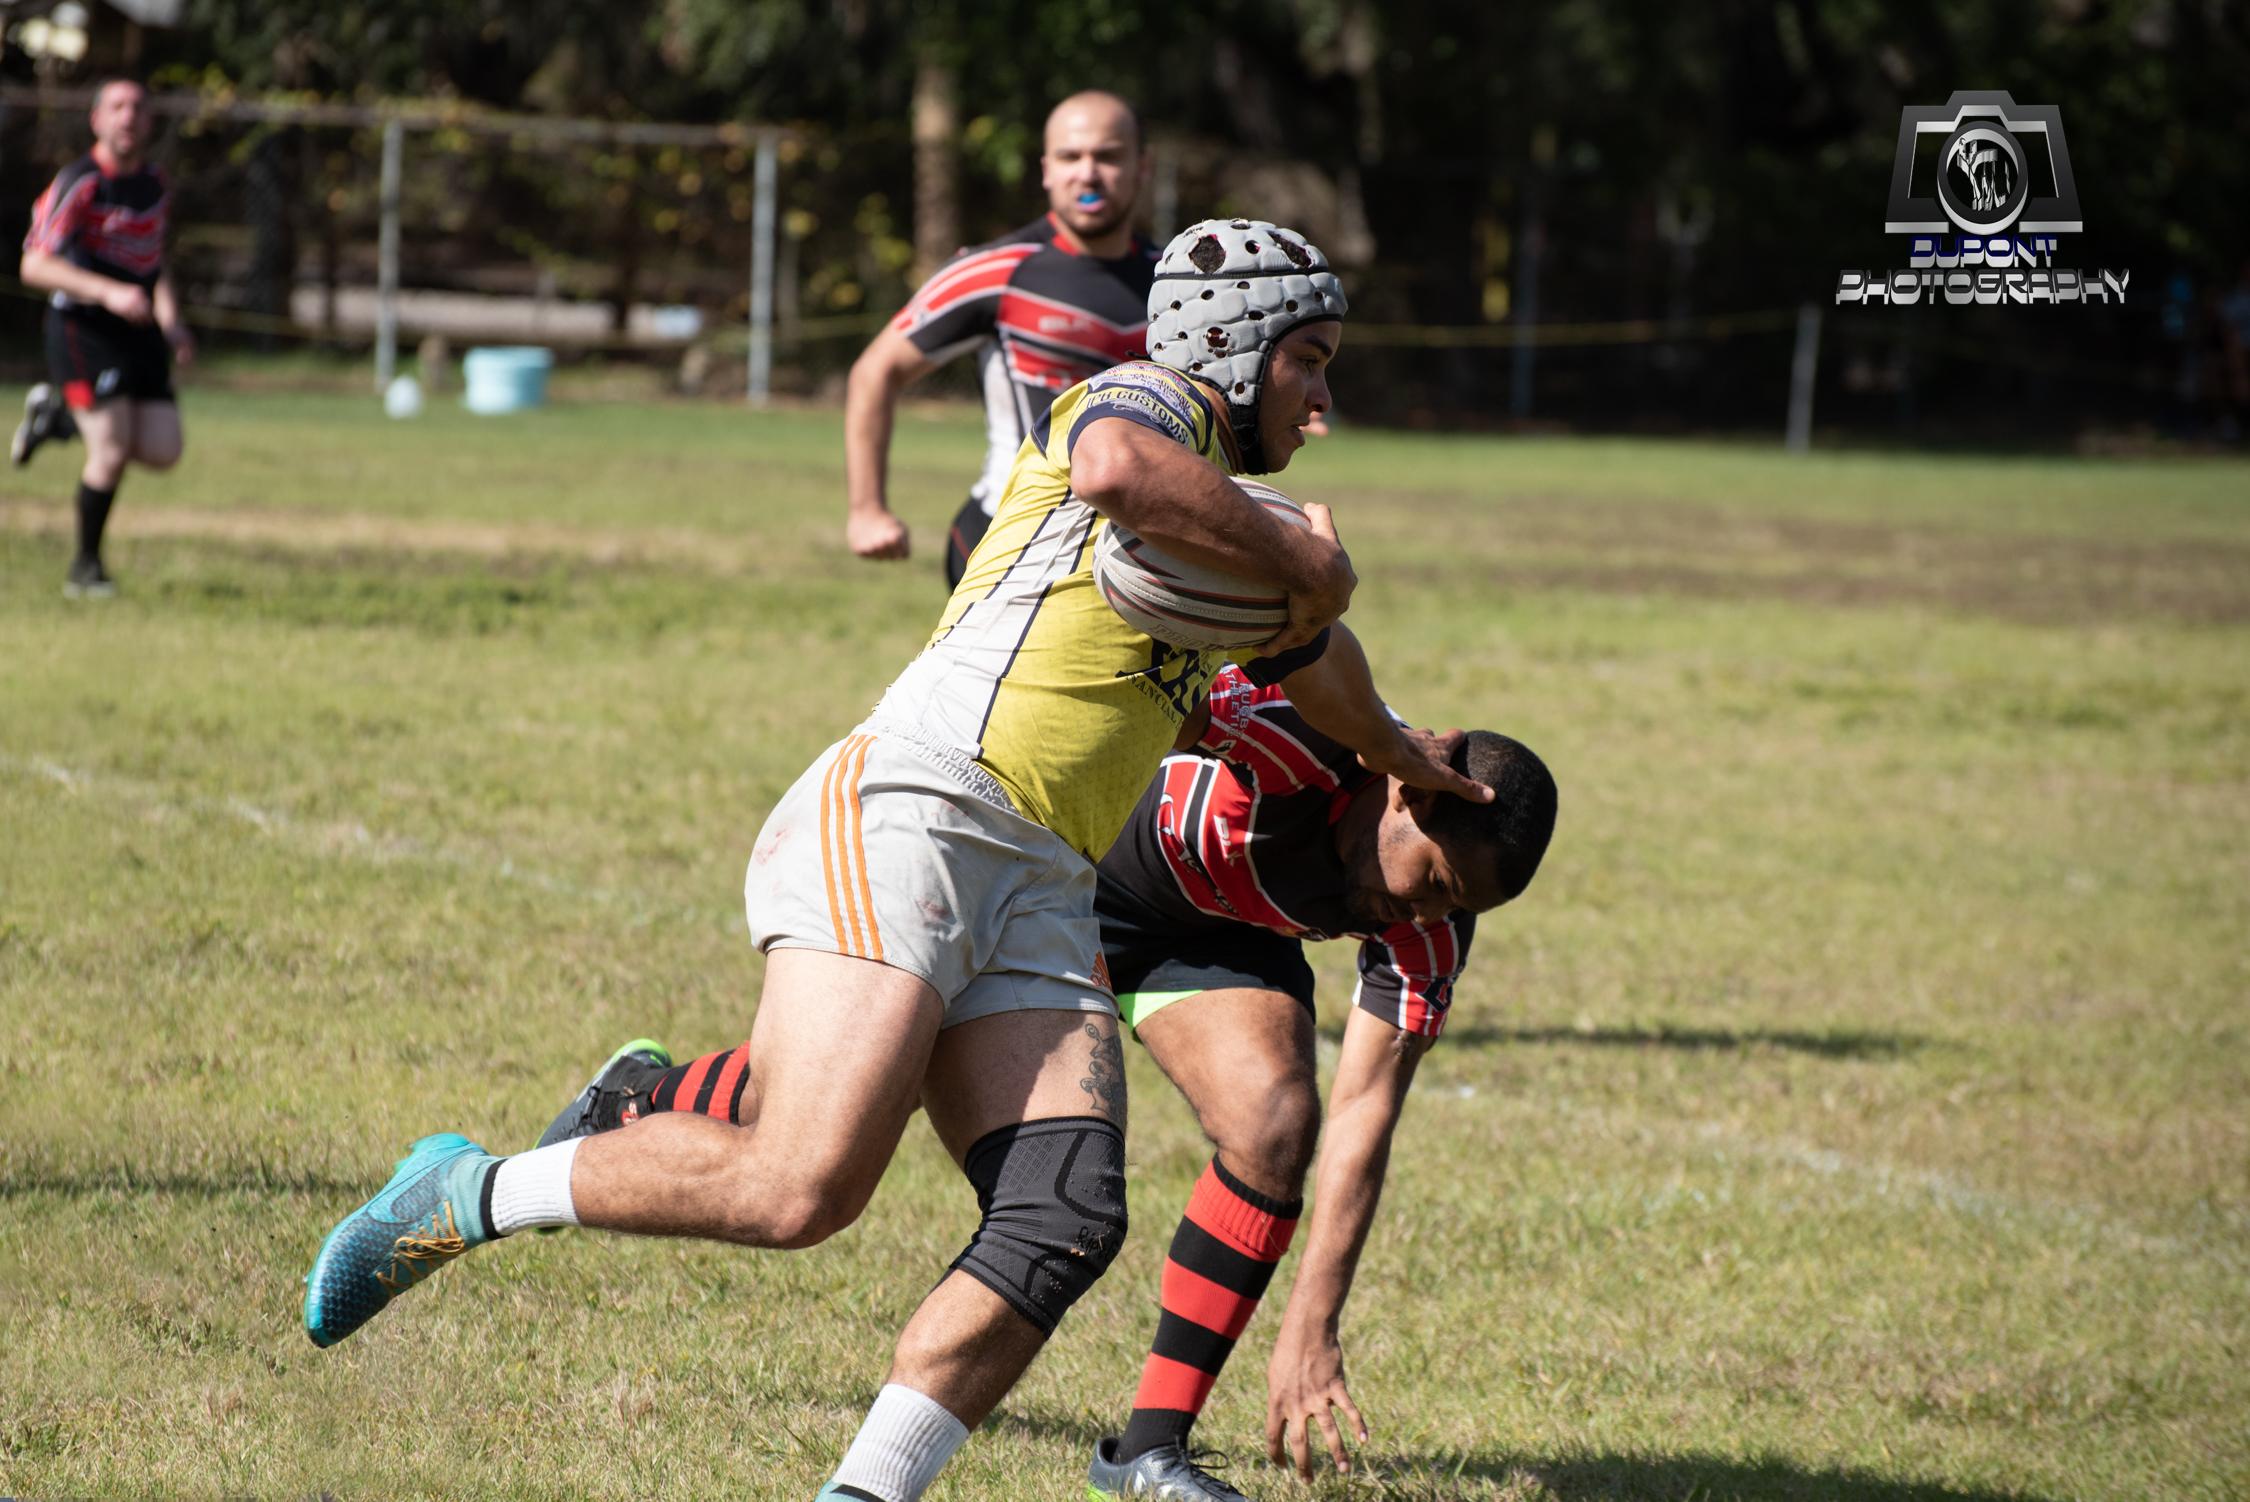 2019-01-19 Rugby-609-Edit-1.jpg